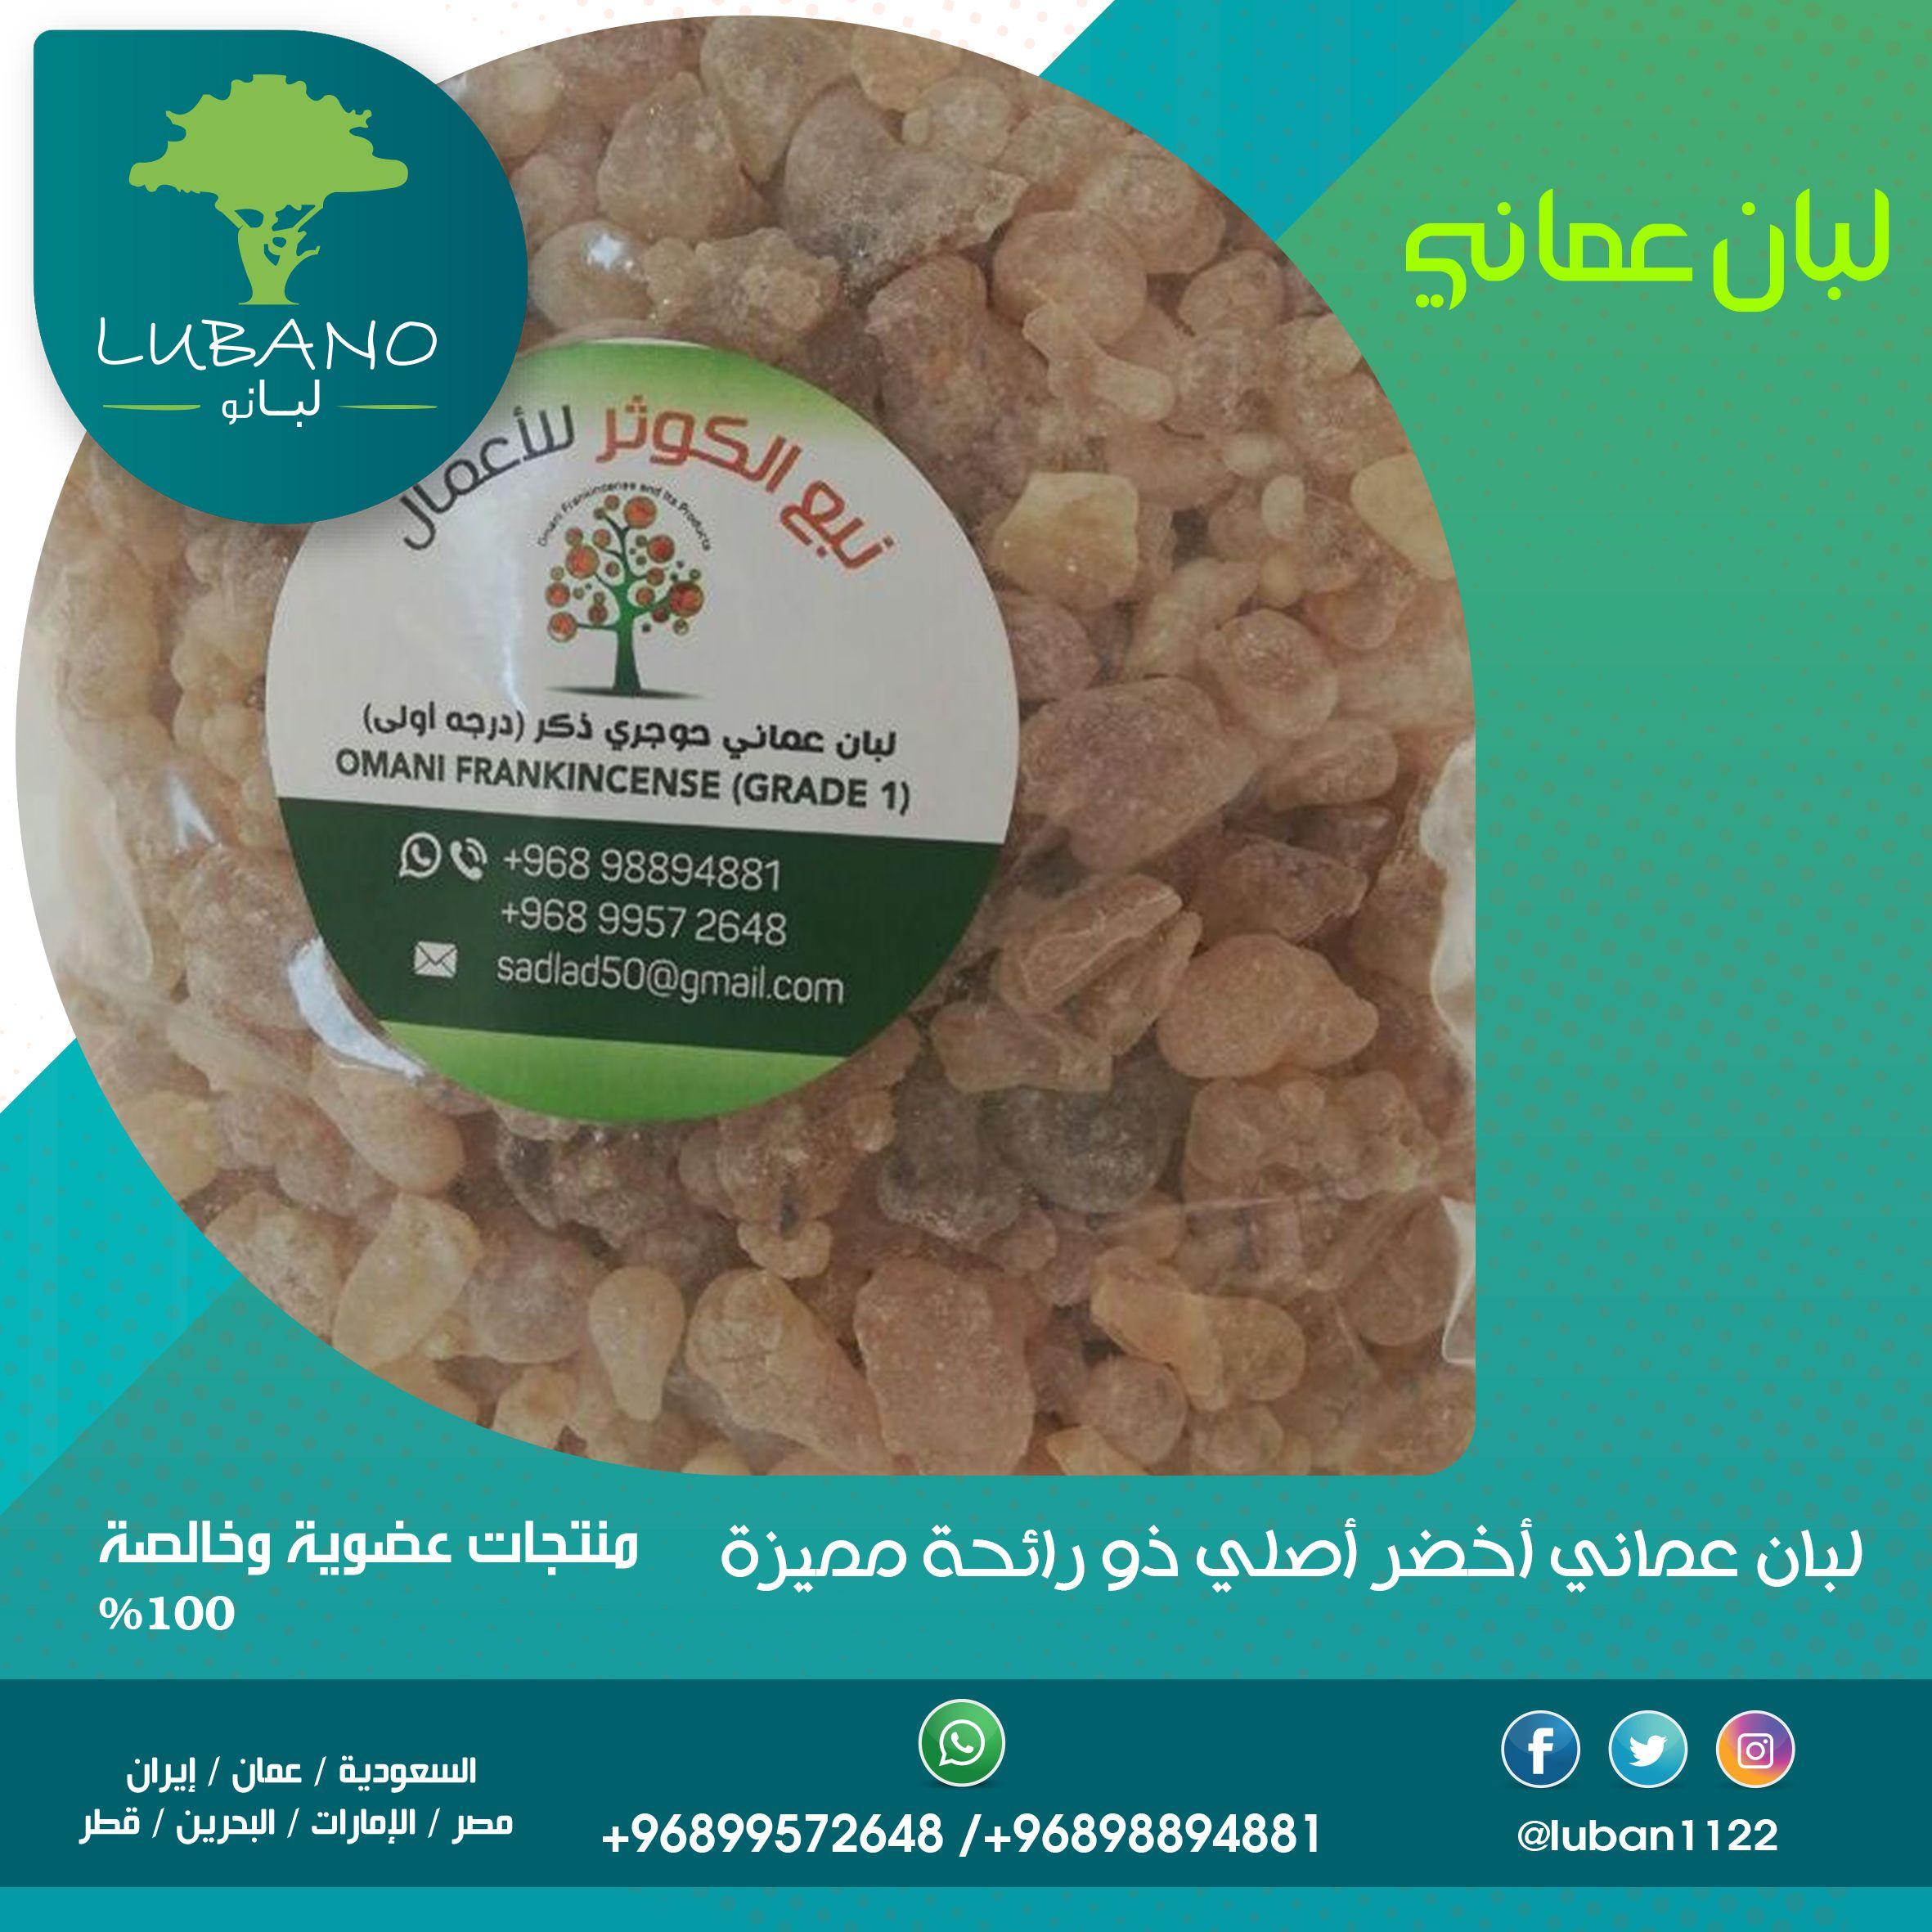 لبان عمانى أخضر أصلي ذو رائحة مميزة منتجات عضوية وخالصة 100 للطلب يرجى التواصل واتساب 96899572648 96898894881 لبان حوجري زيت لبان ا Breakfast Omani Food